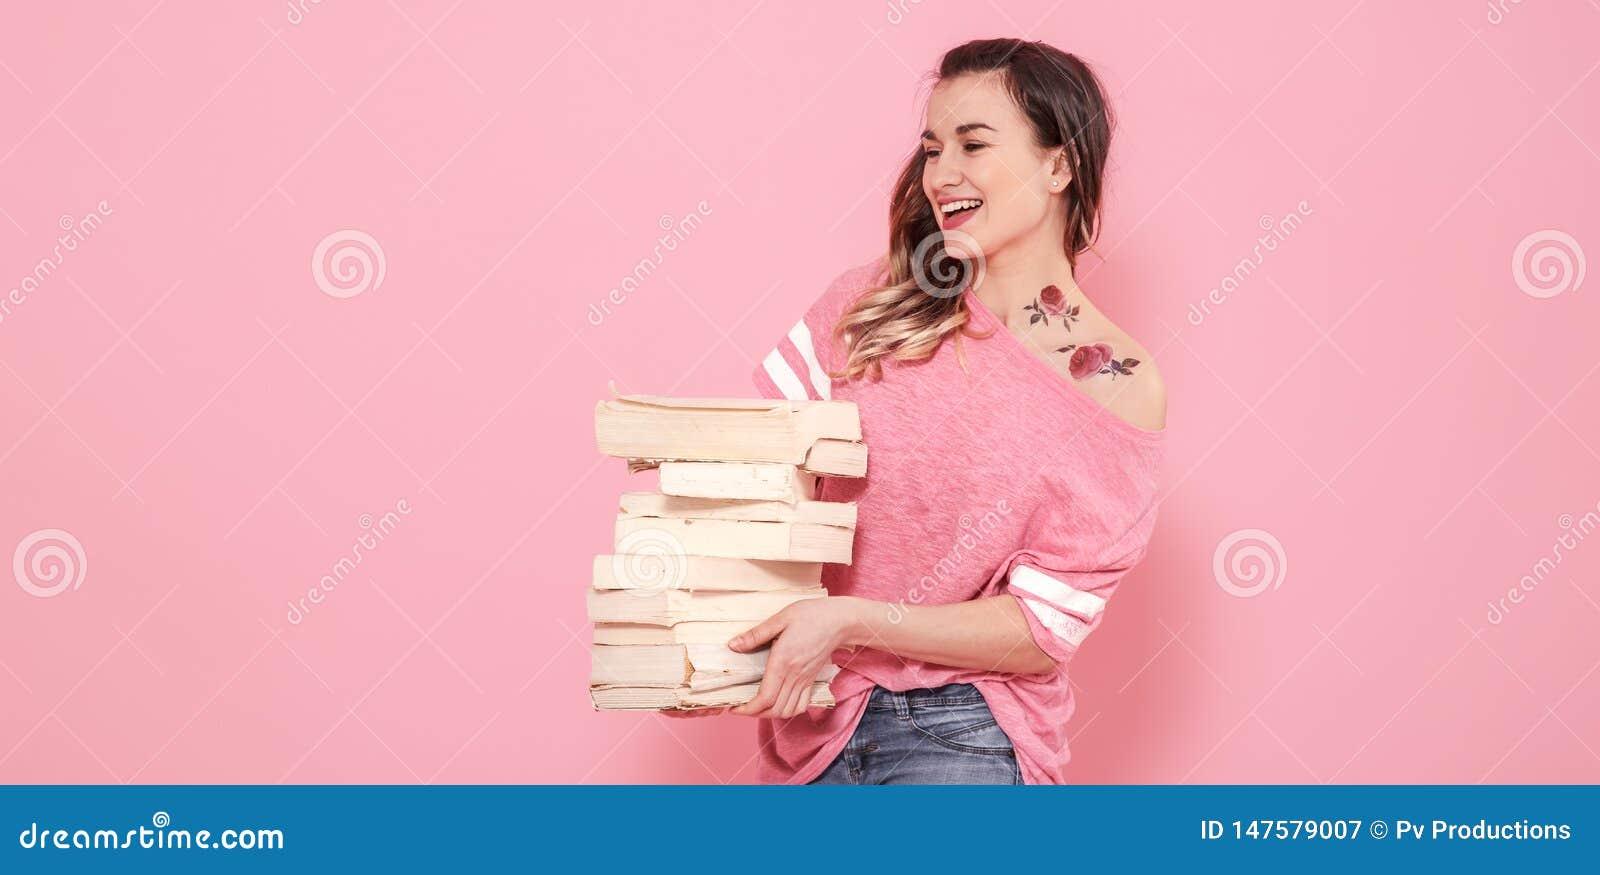 Retrato de una muchacha con una pila de libros en un fondo rosado